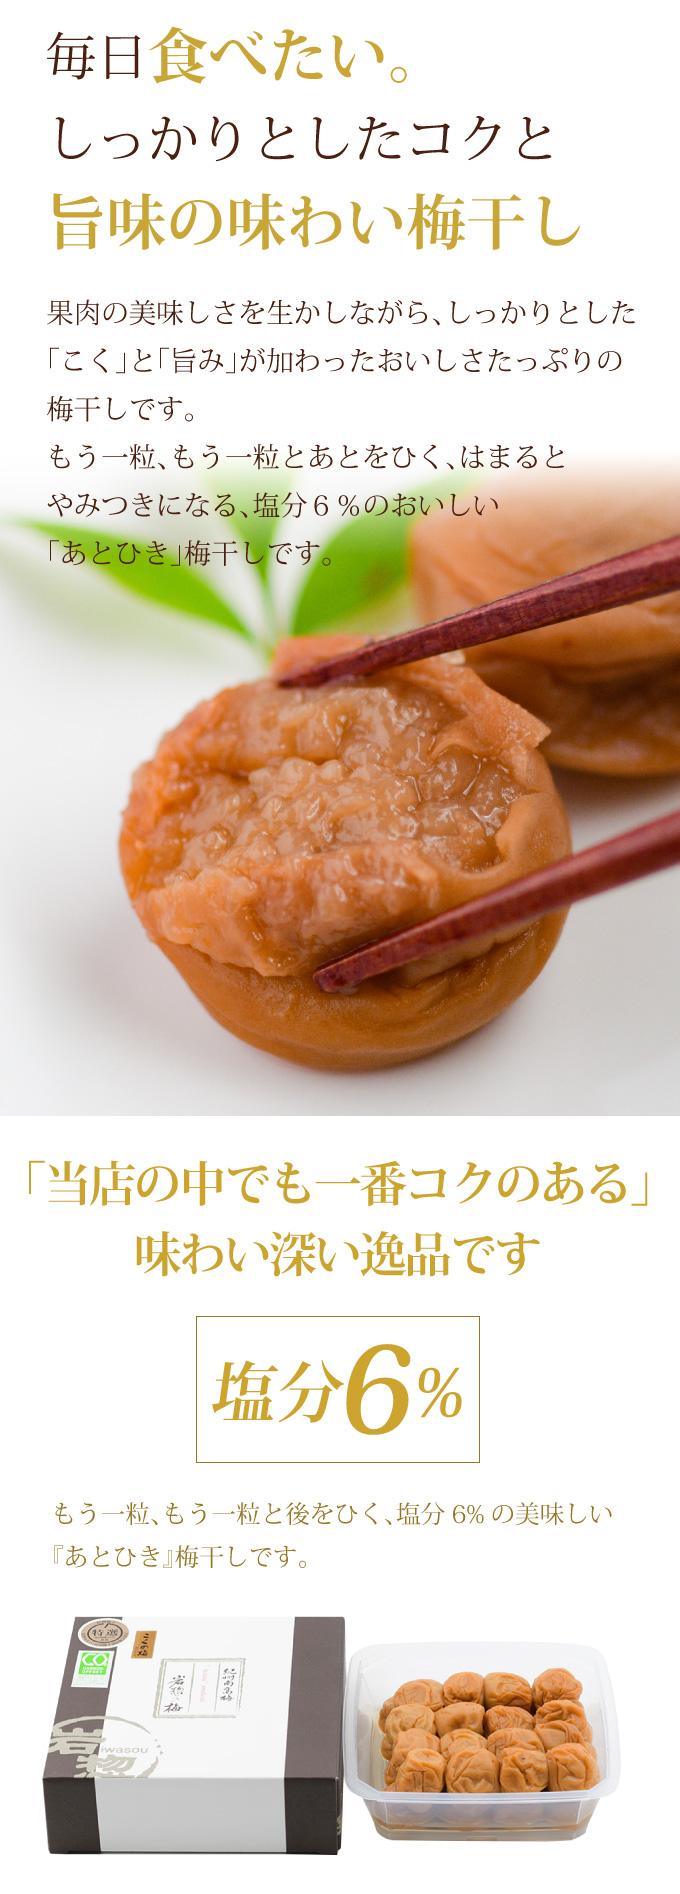 こくの梅の紹介2